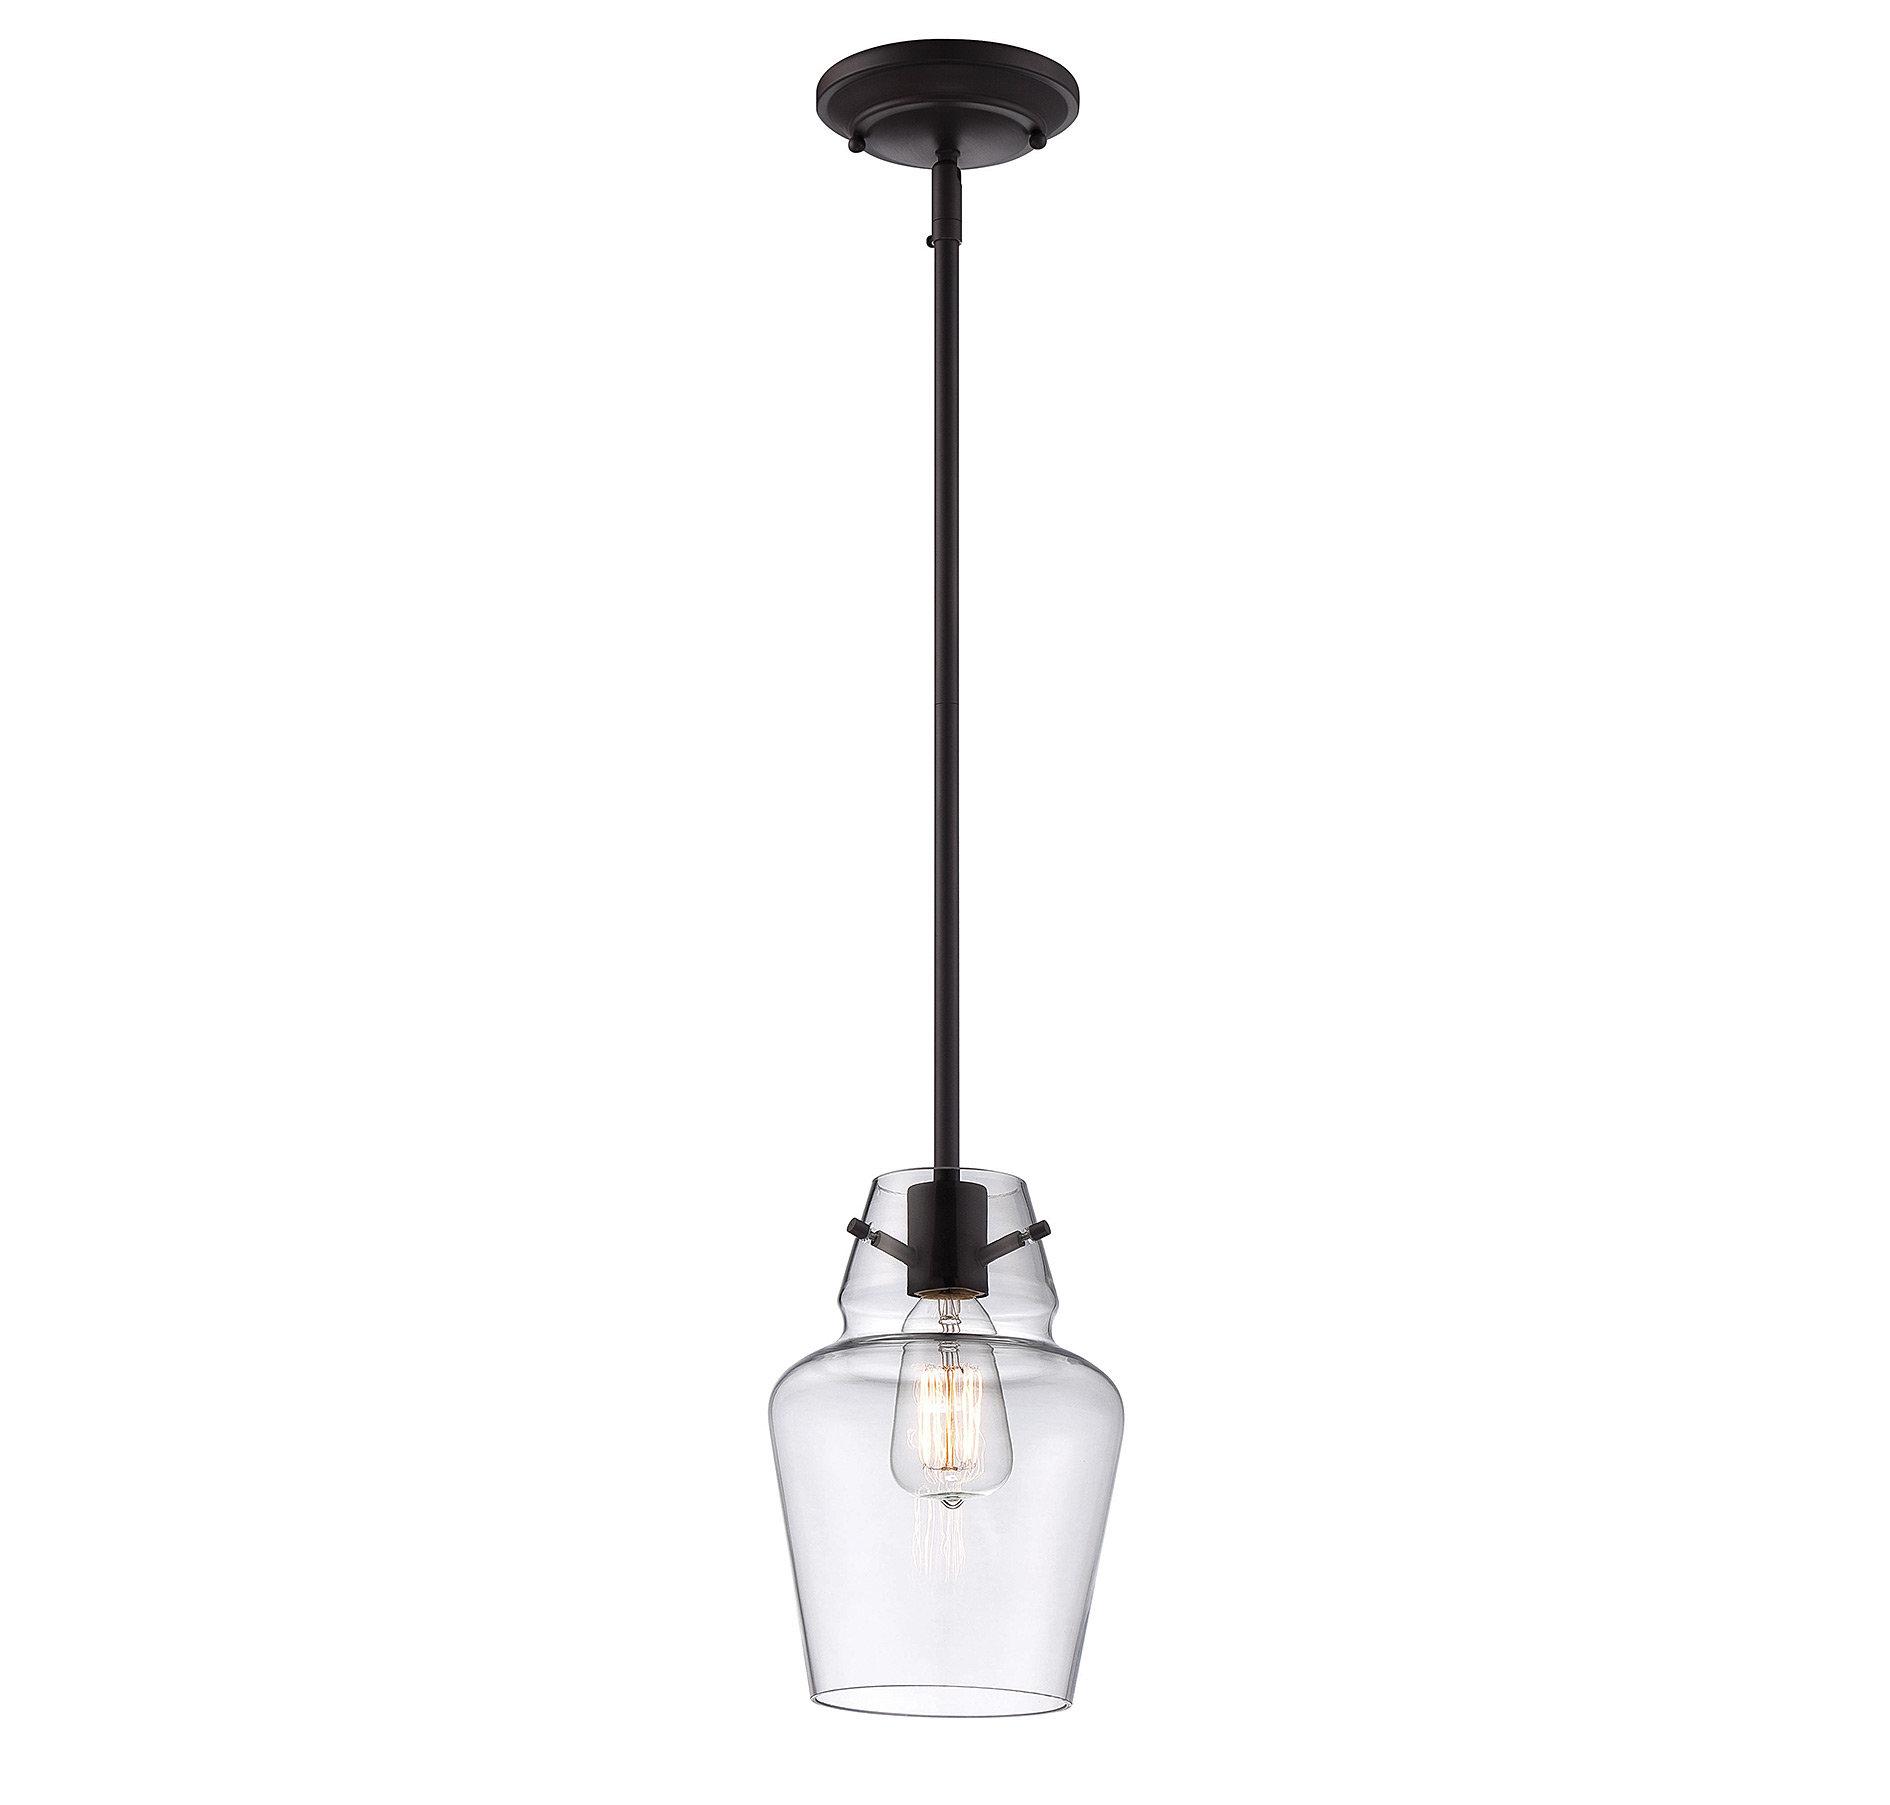 Roslindale 1 Light Single Bell Pendant Within 1 Light Single Bell Pendants (View 22 of 30)